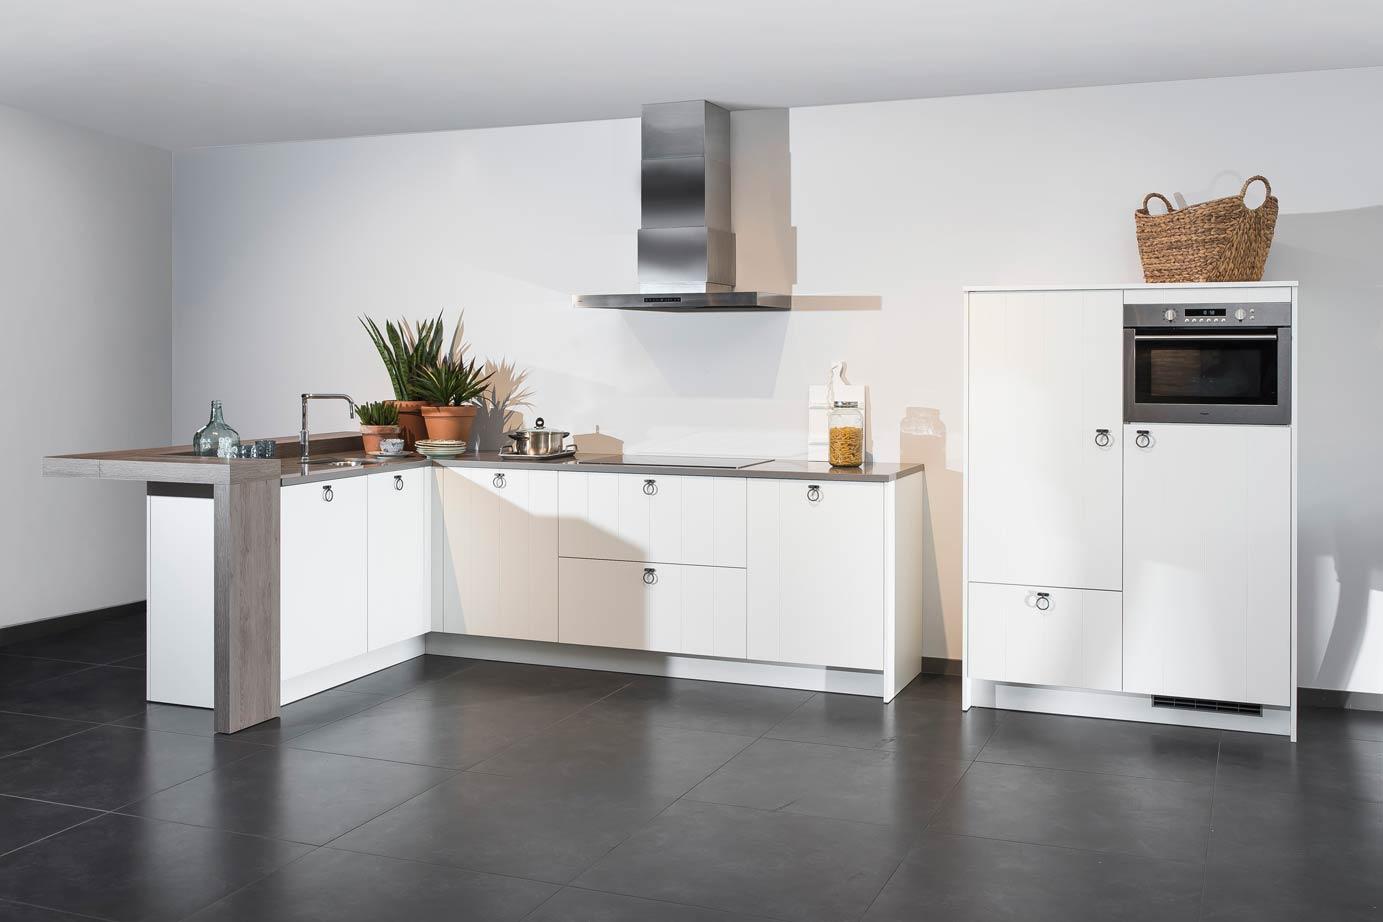 Hoek Keukens Showroom : Hoekkeukens groot aanbod nettoprijzen hoge klanttevredenheid